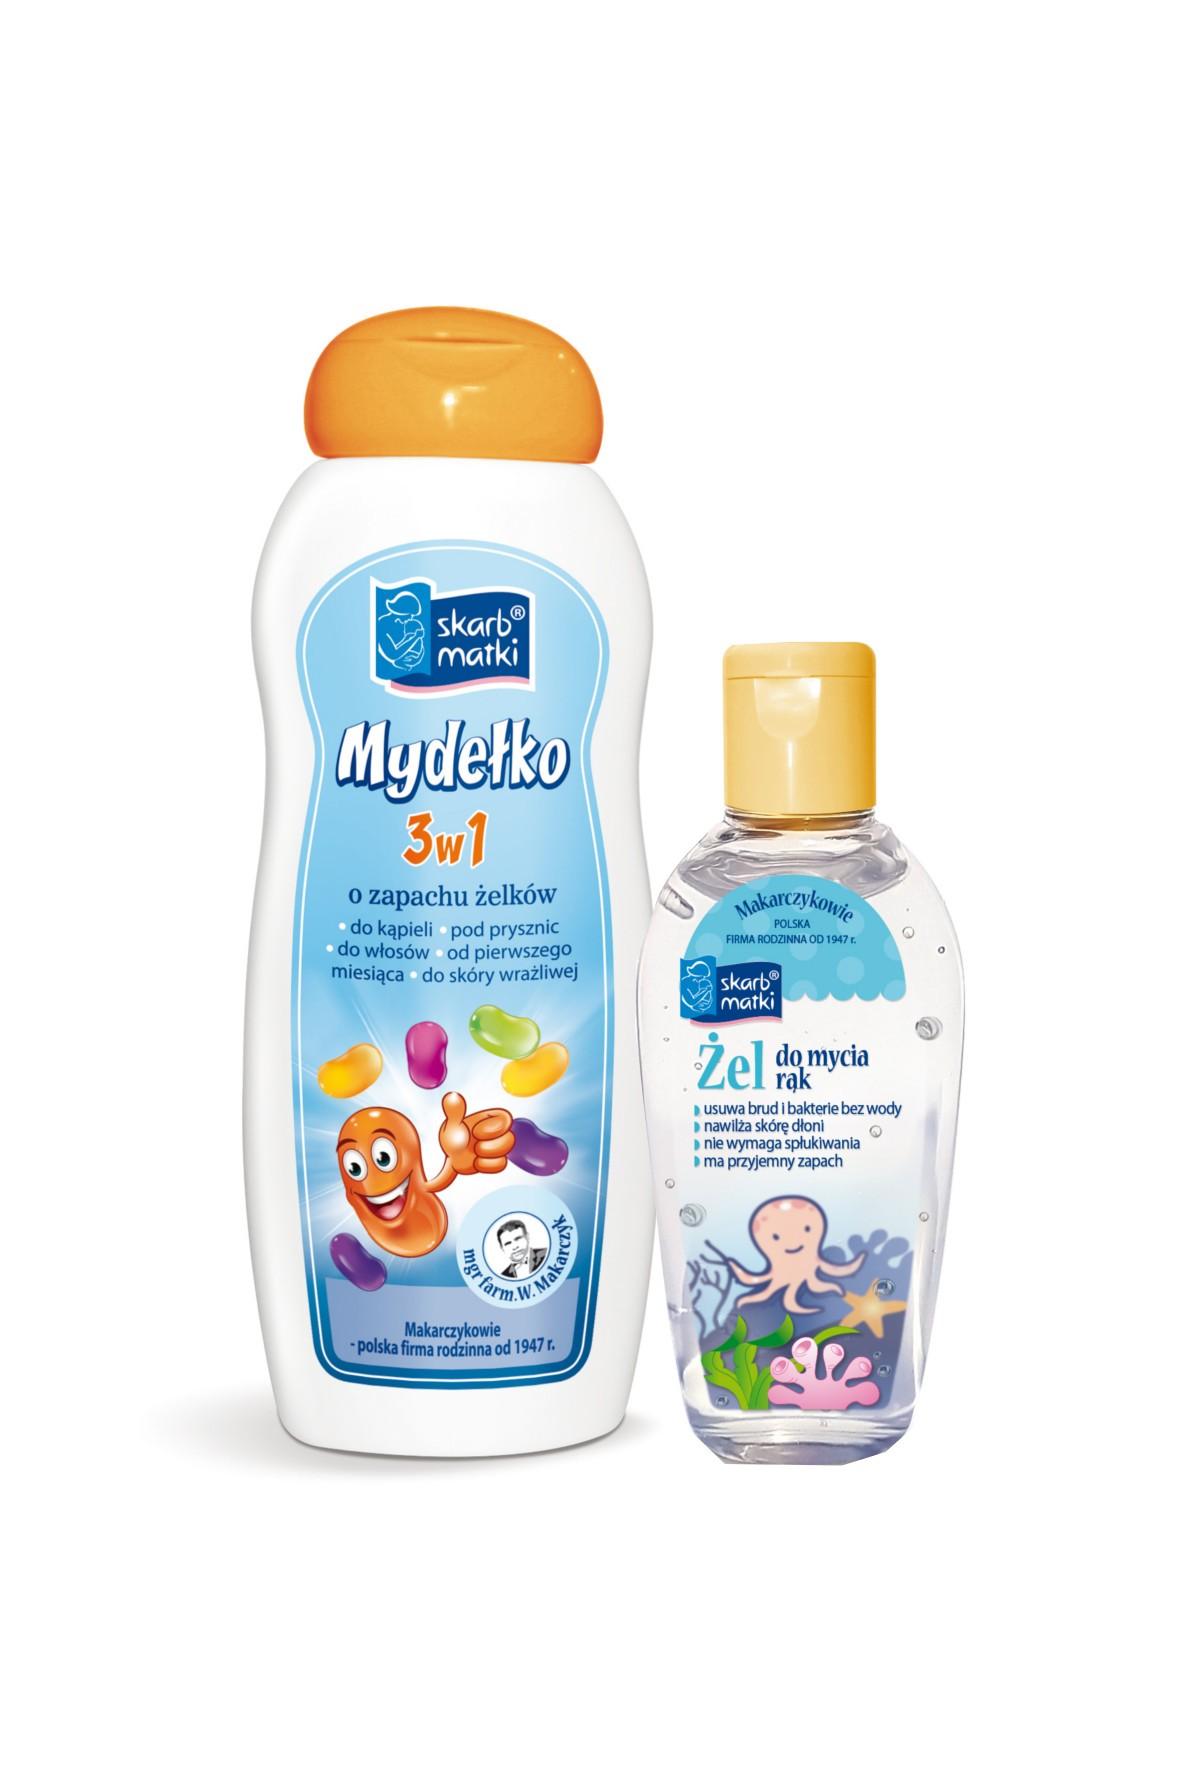 Żel do rąk i mydło 3w1 dla dzieci